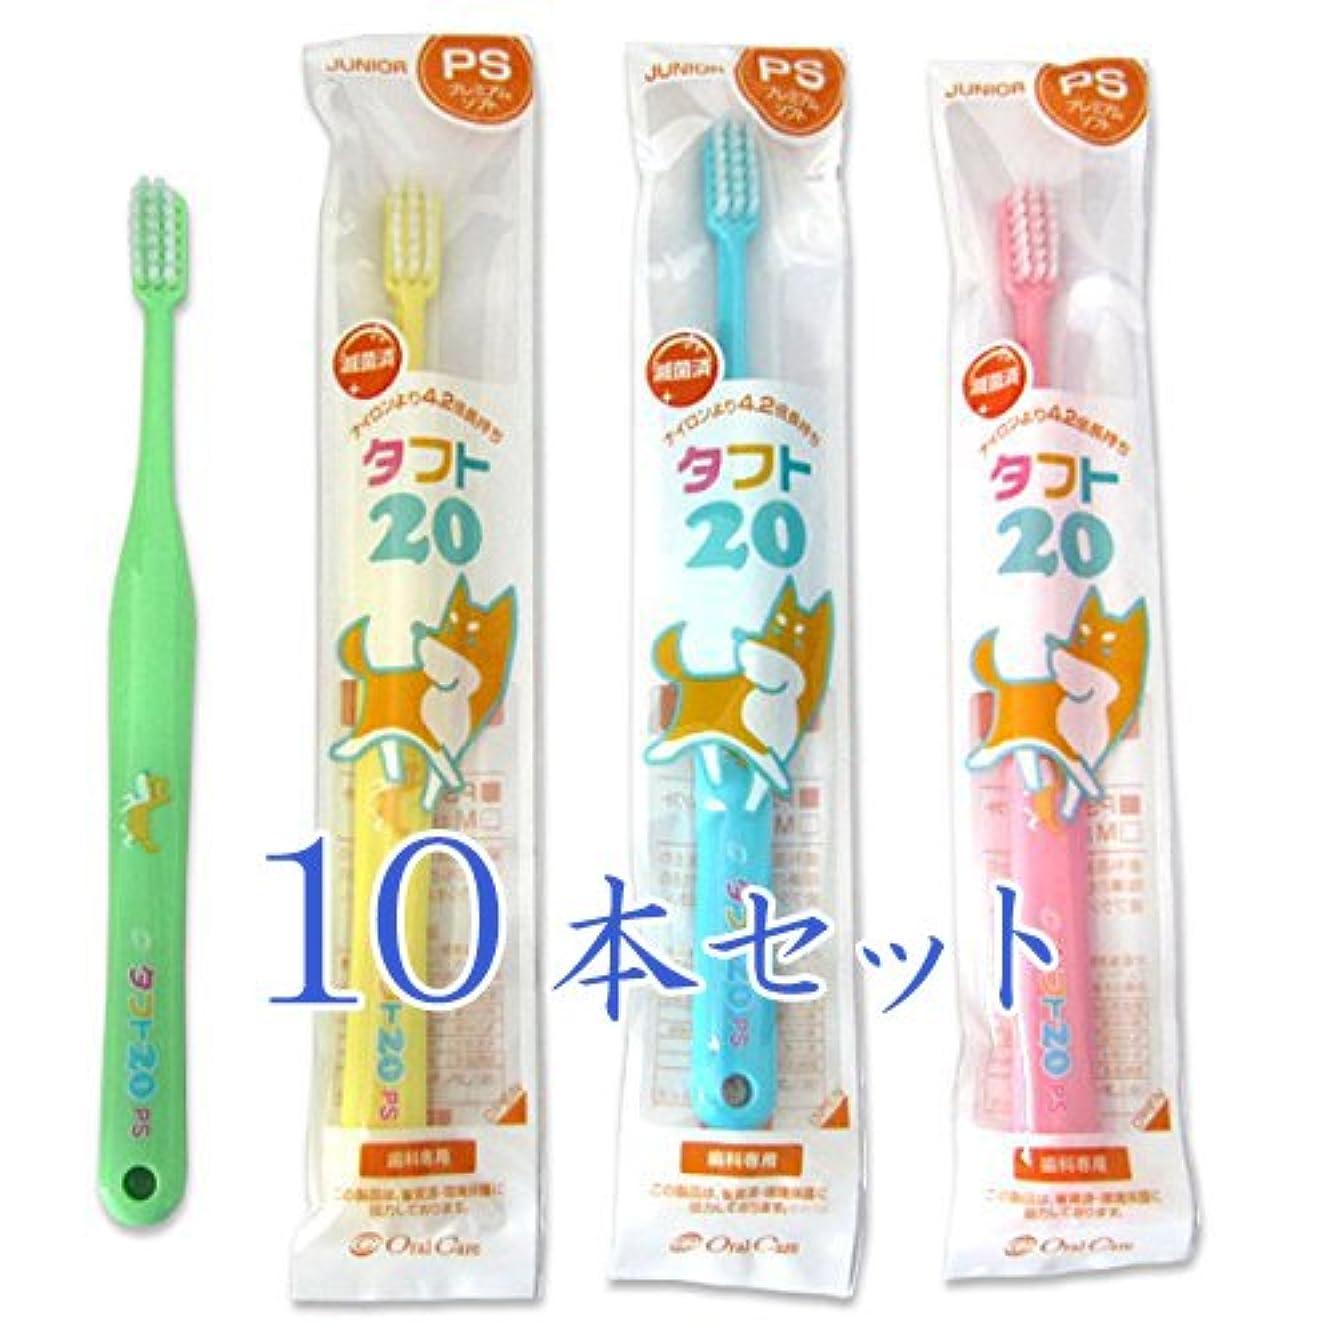 刈る照らすファンネルウェブスパイダータフト20 PS プレミアムソフト 歯ブラシ混合歯列期用(6~12歳)×10本セット